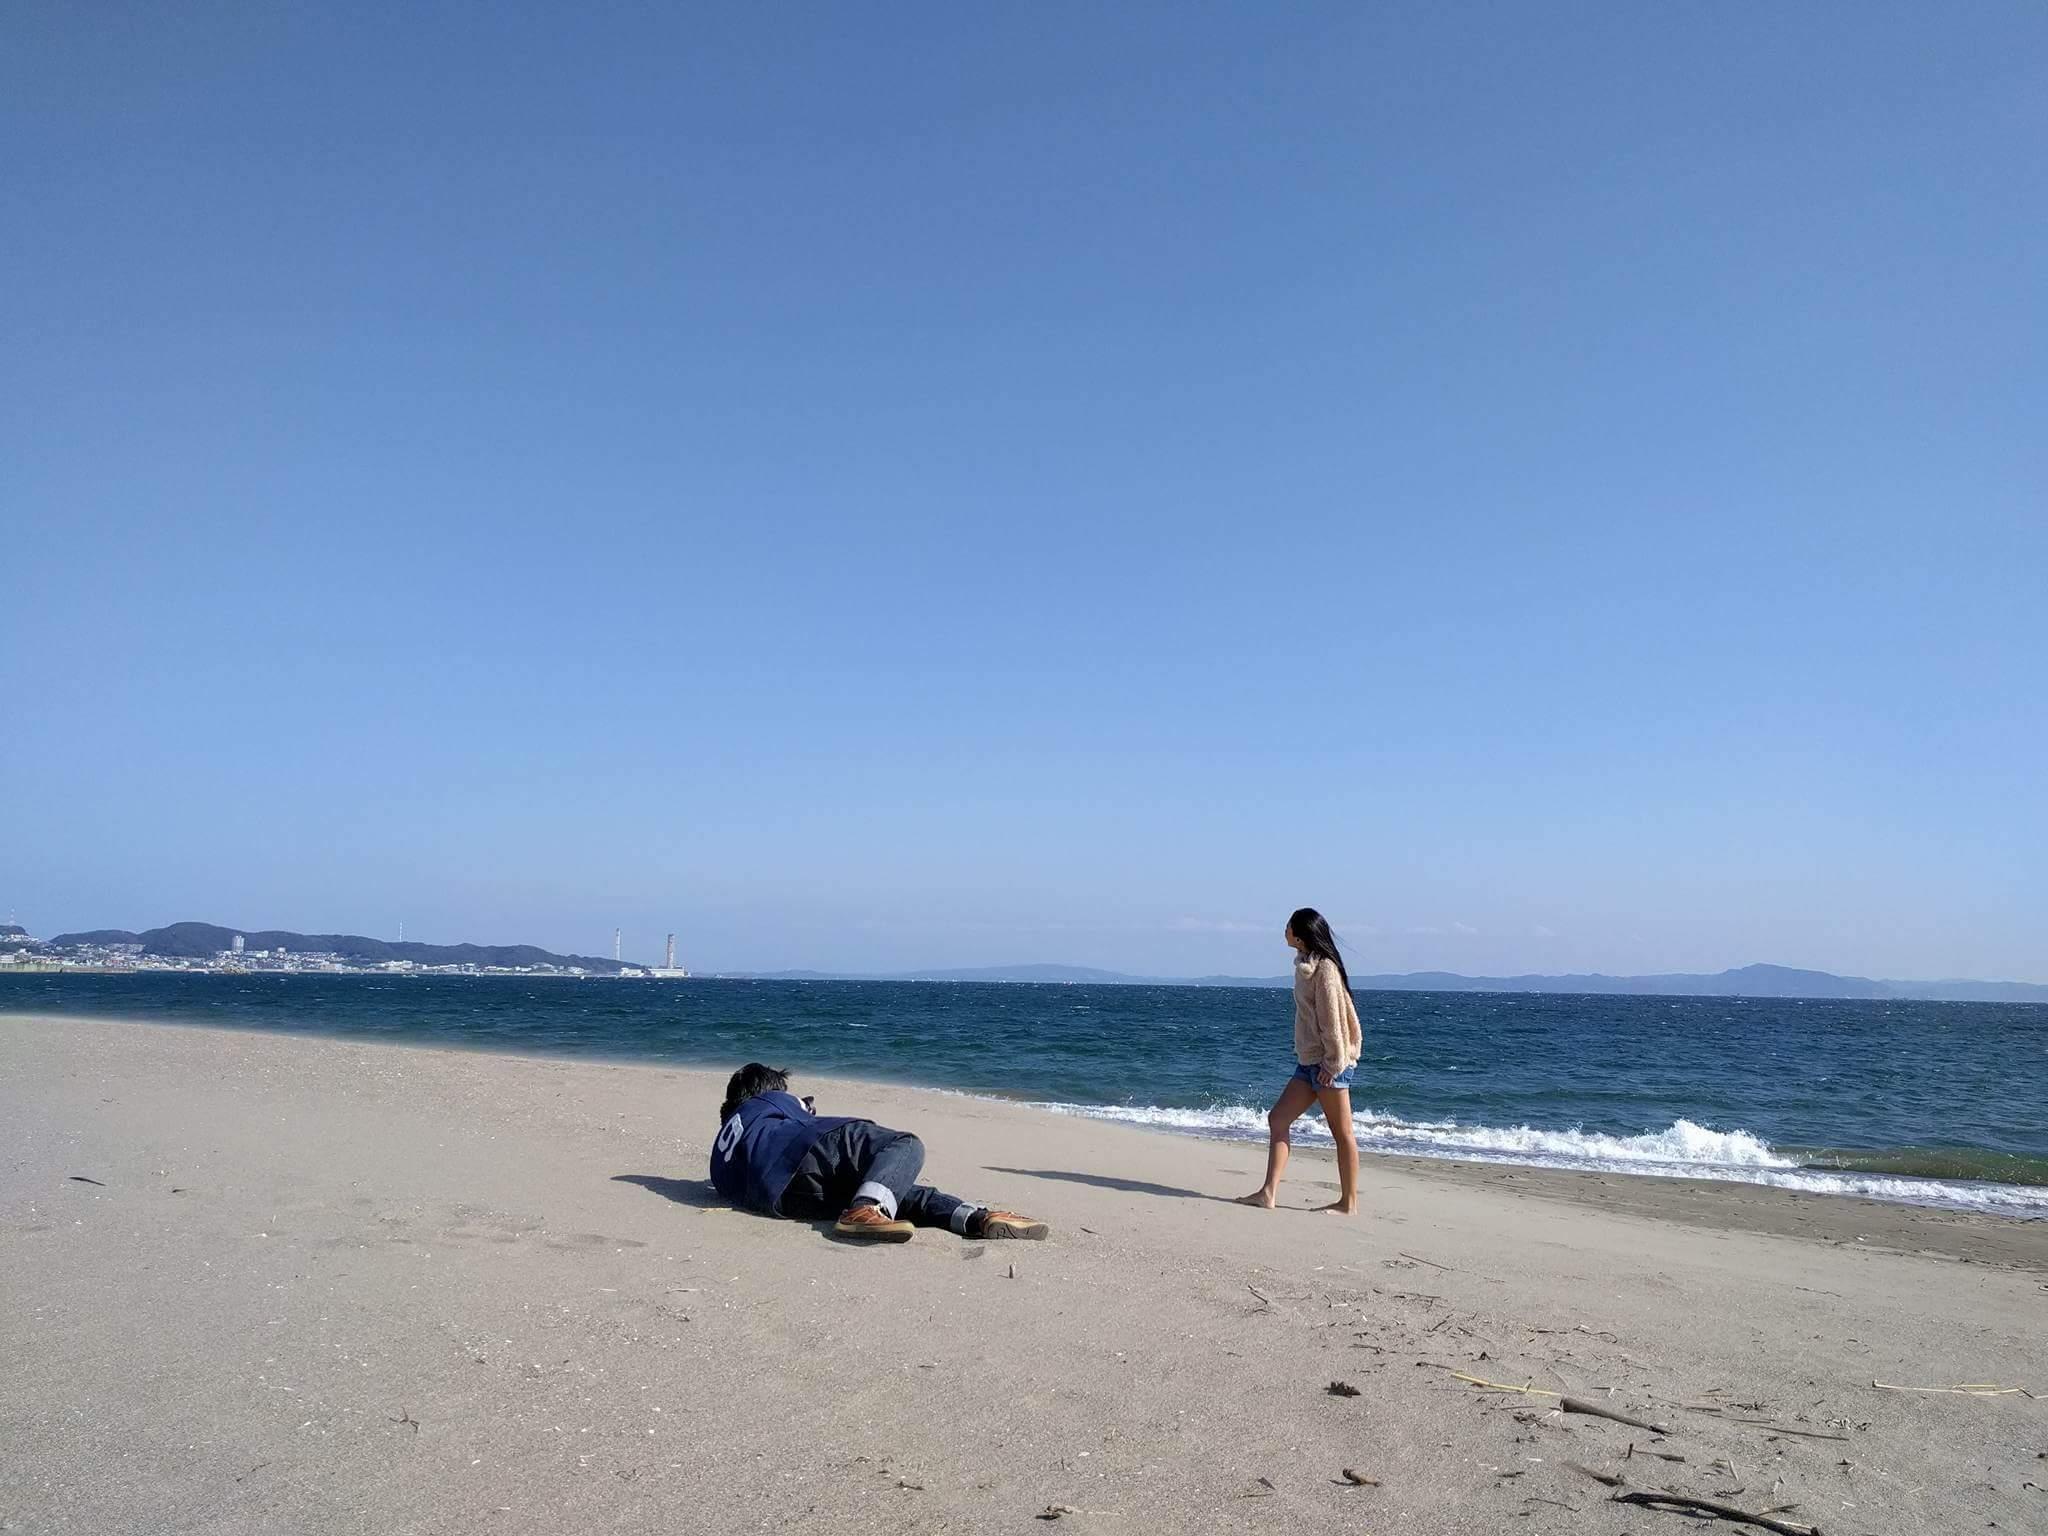 三浦海岸で、砂浜を裸足で楽しんだよぉ~⤴♪